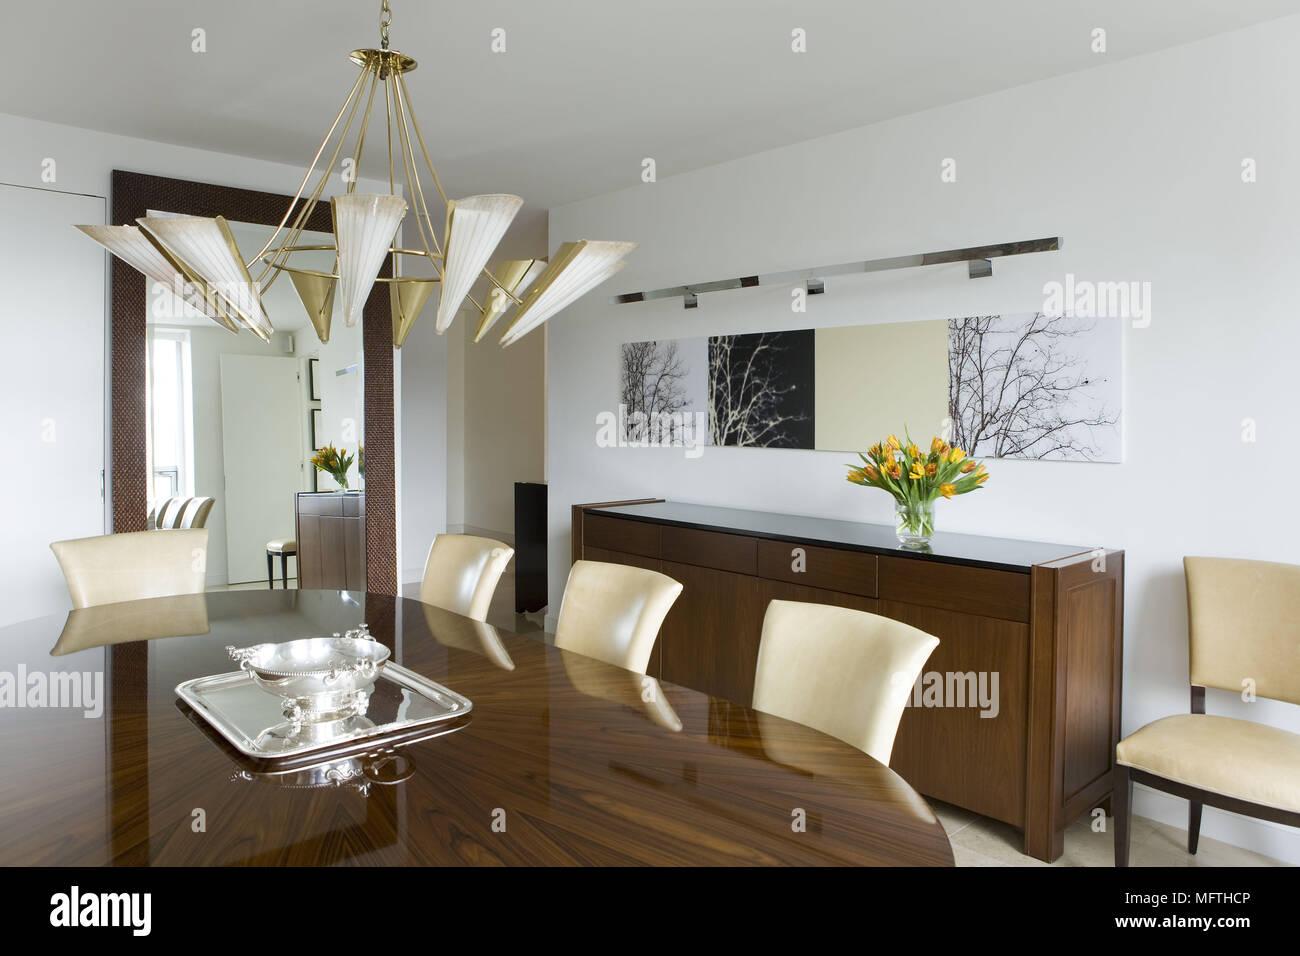 Tavoli Sala Da Pranzo In Legno : Luce pendente al di sopra di un tavolo di legno nella moderna sala